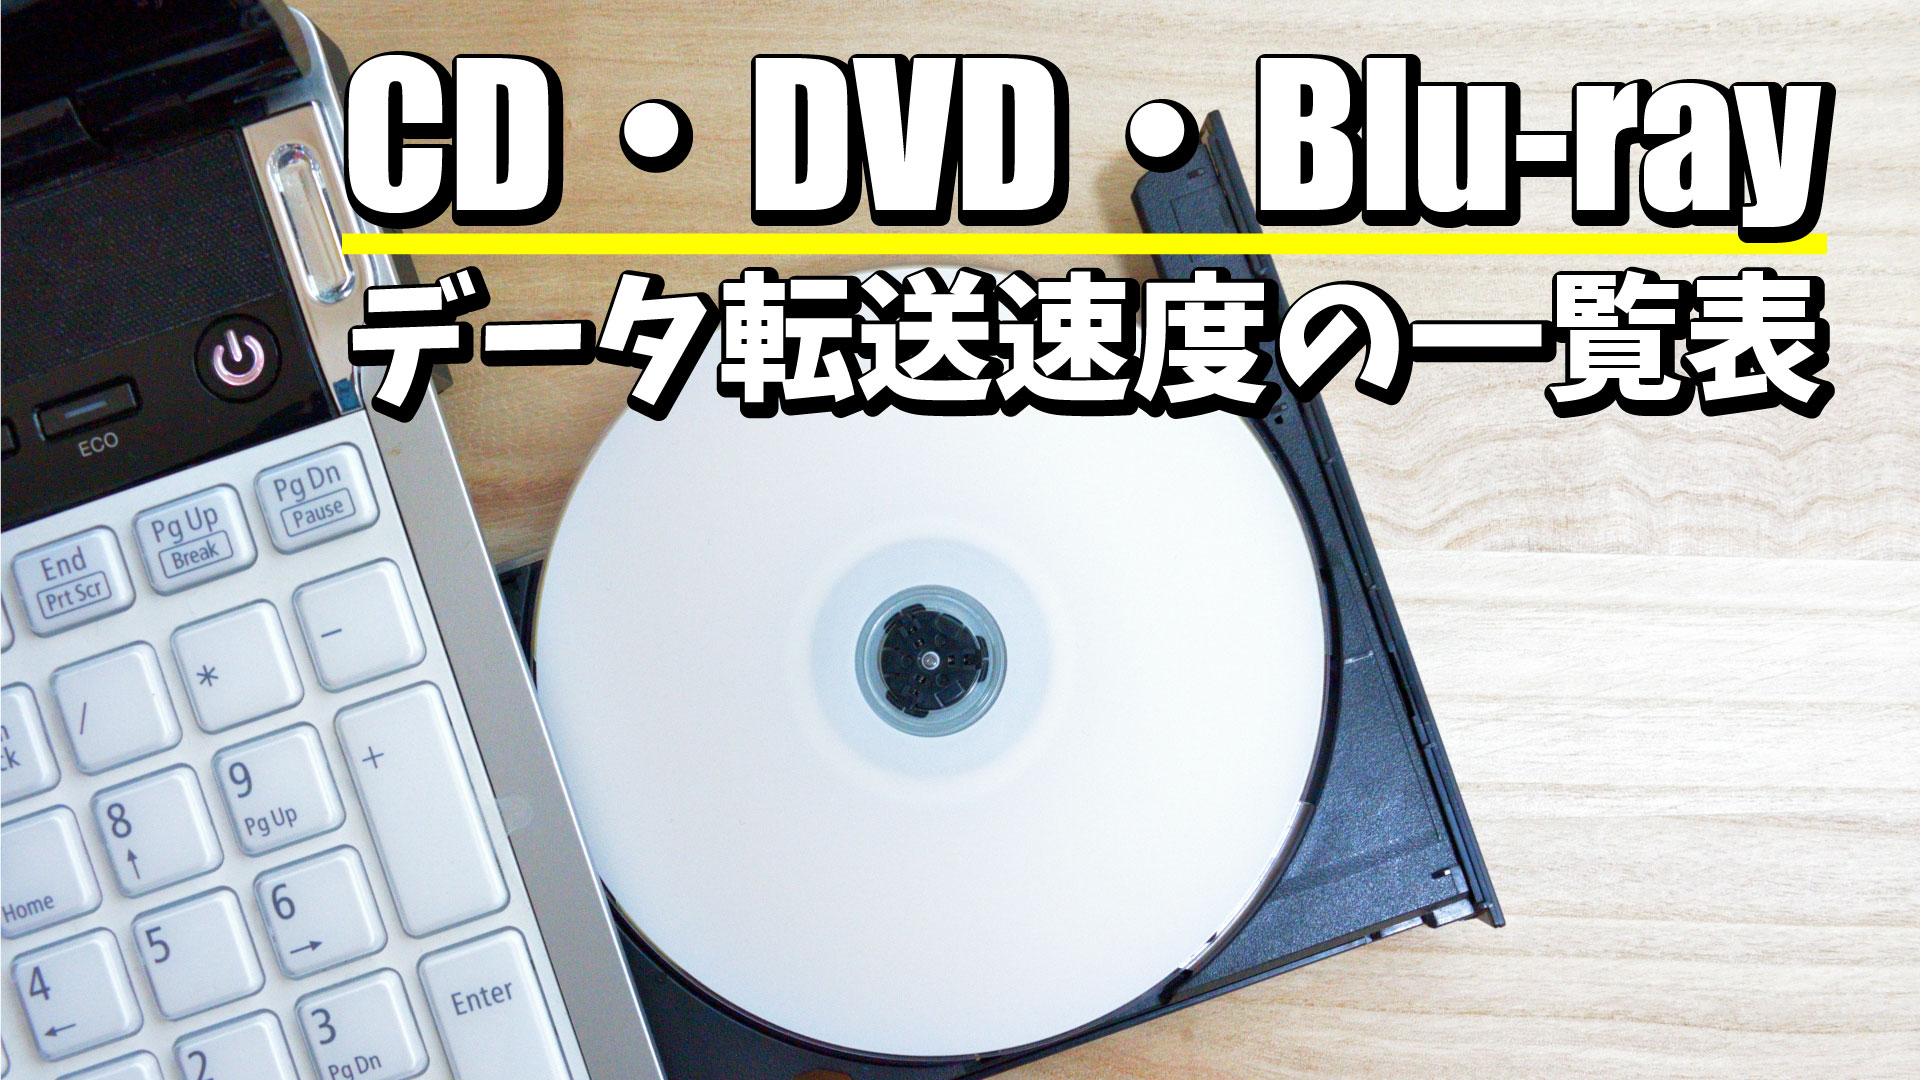 CD・DVD・Blu-ray データ転送速度の一覧